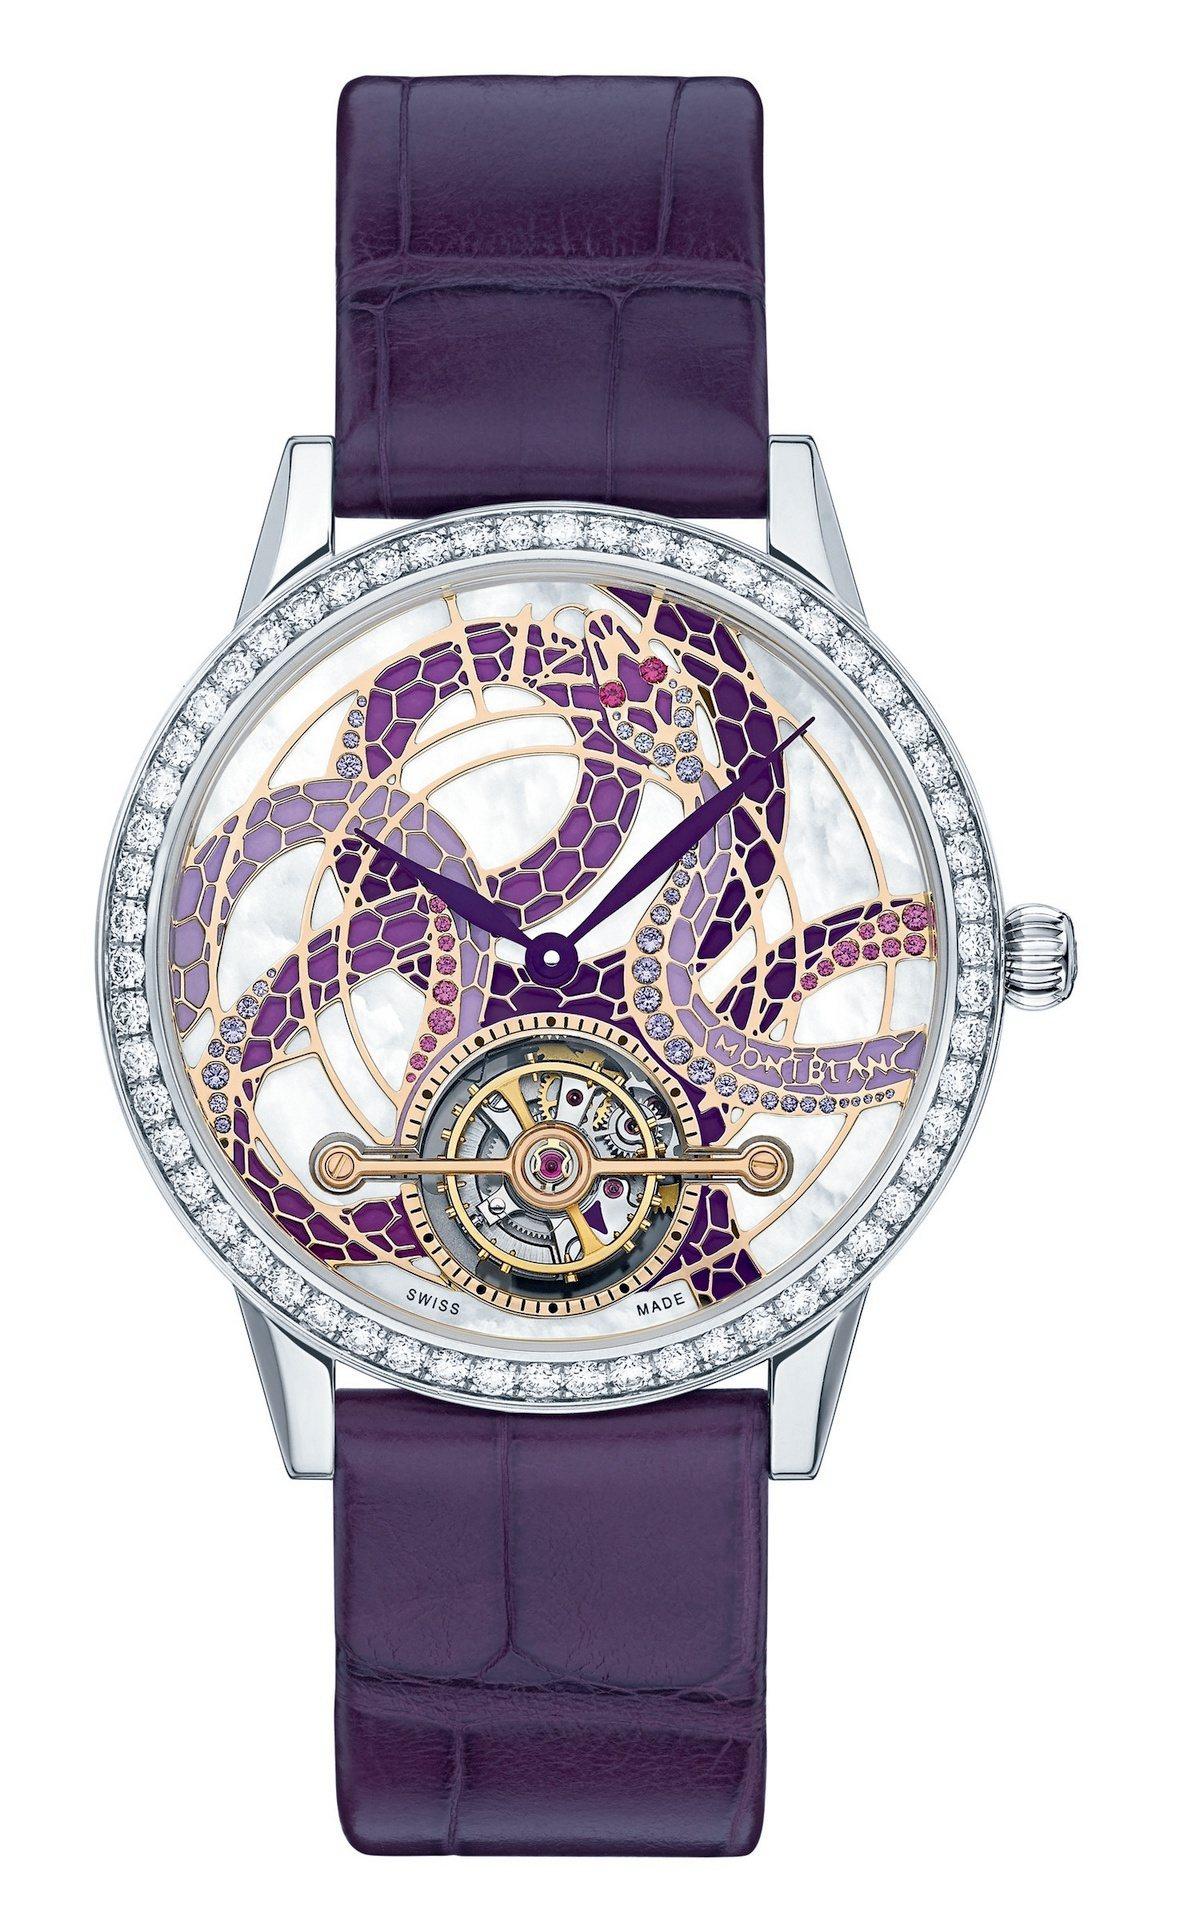 萬寶龍寶曦系列外置陀飛輪蛇圖騰珠寶限量款腕表,18K白金表殼,表盤蛇身鑲嵌51顆...